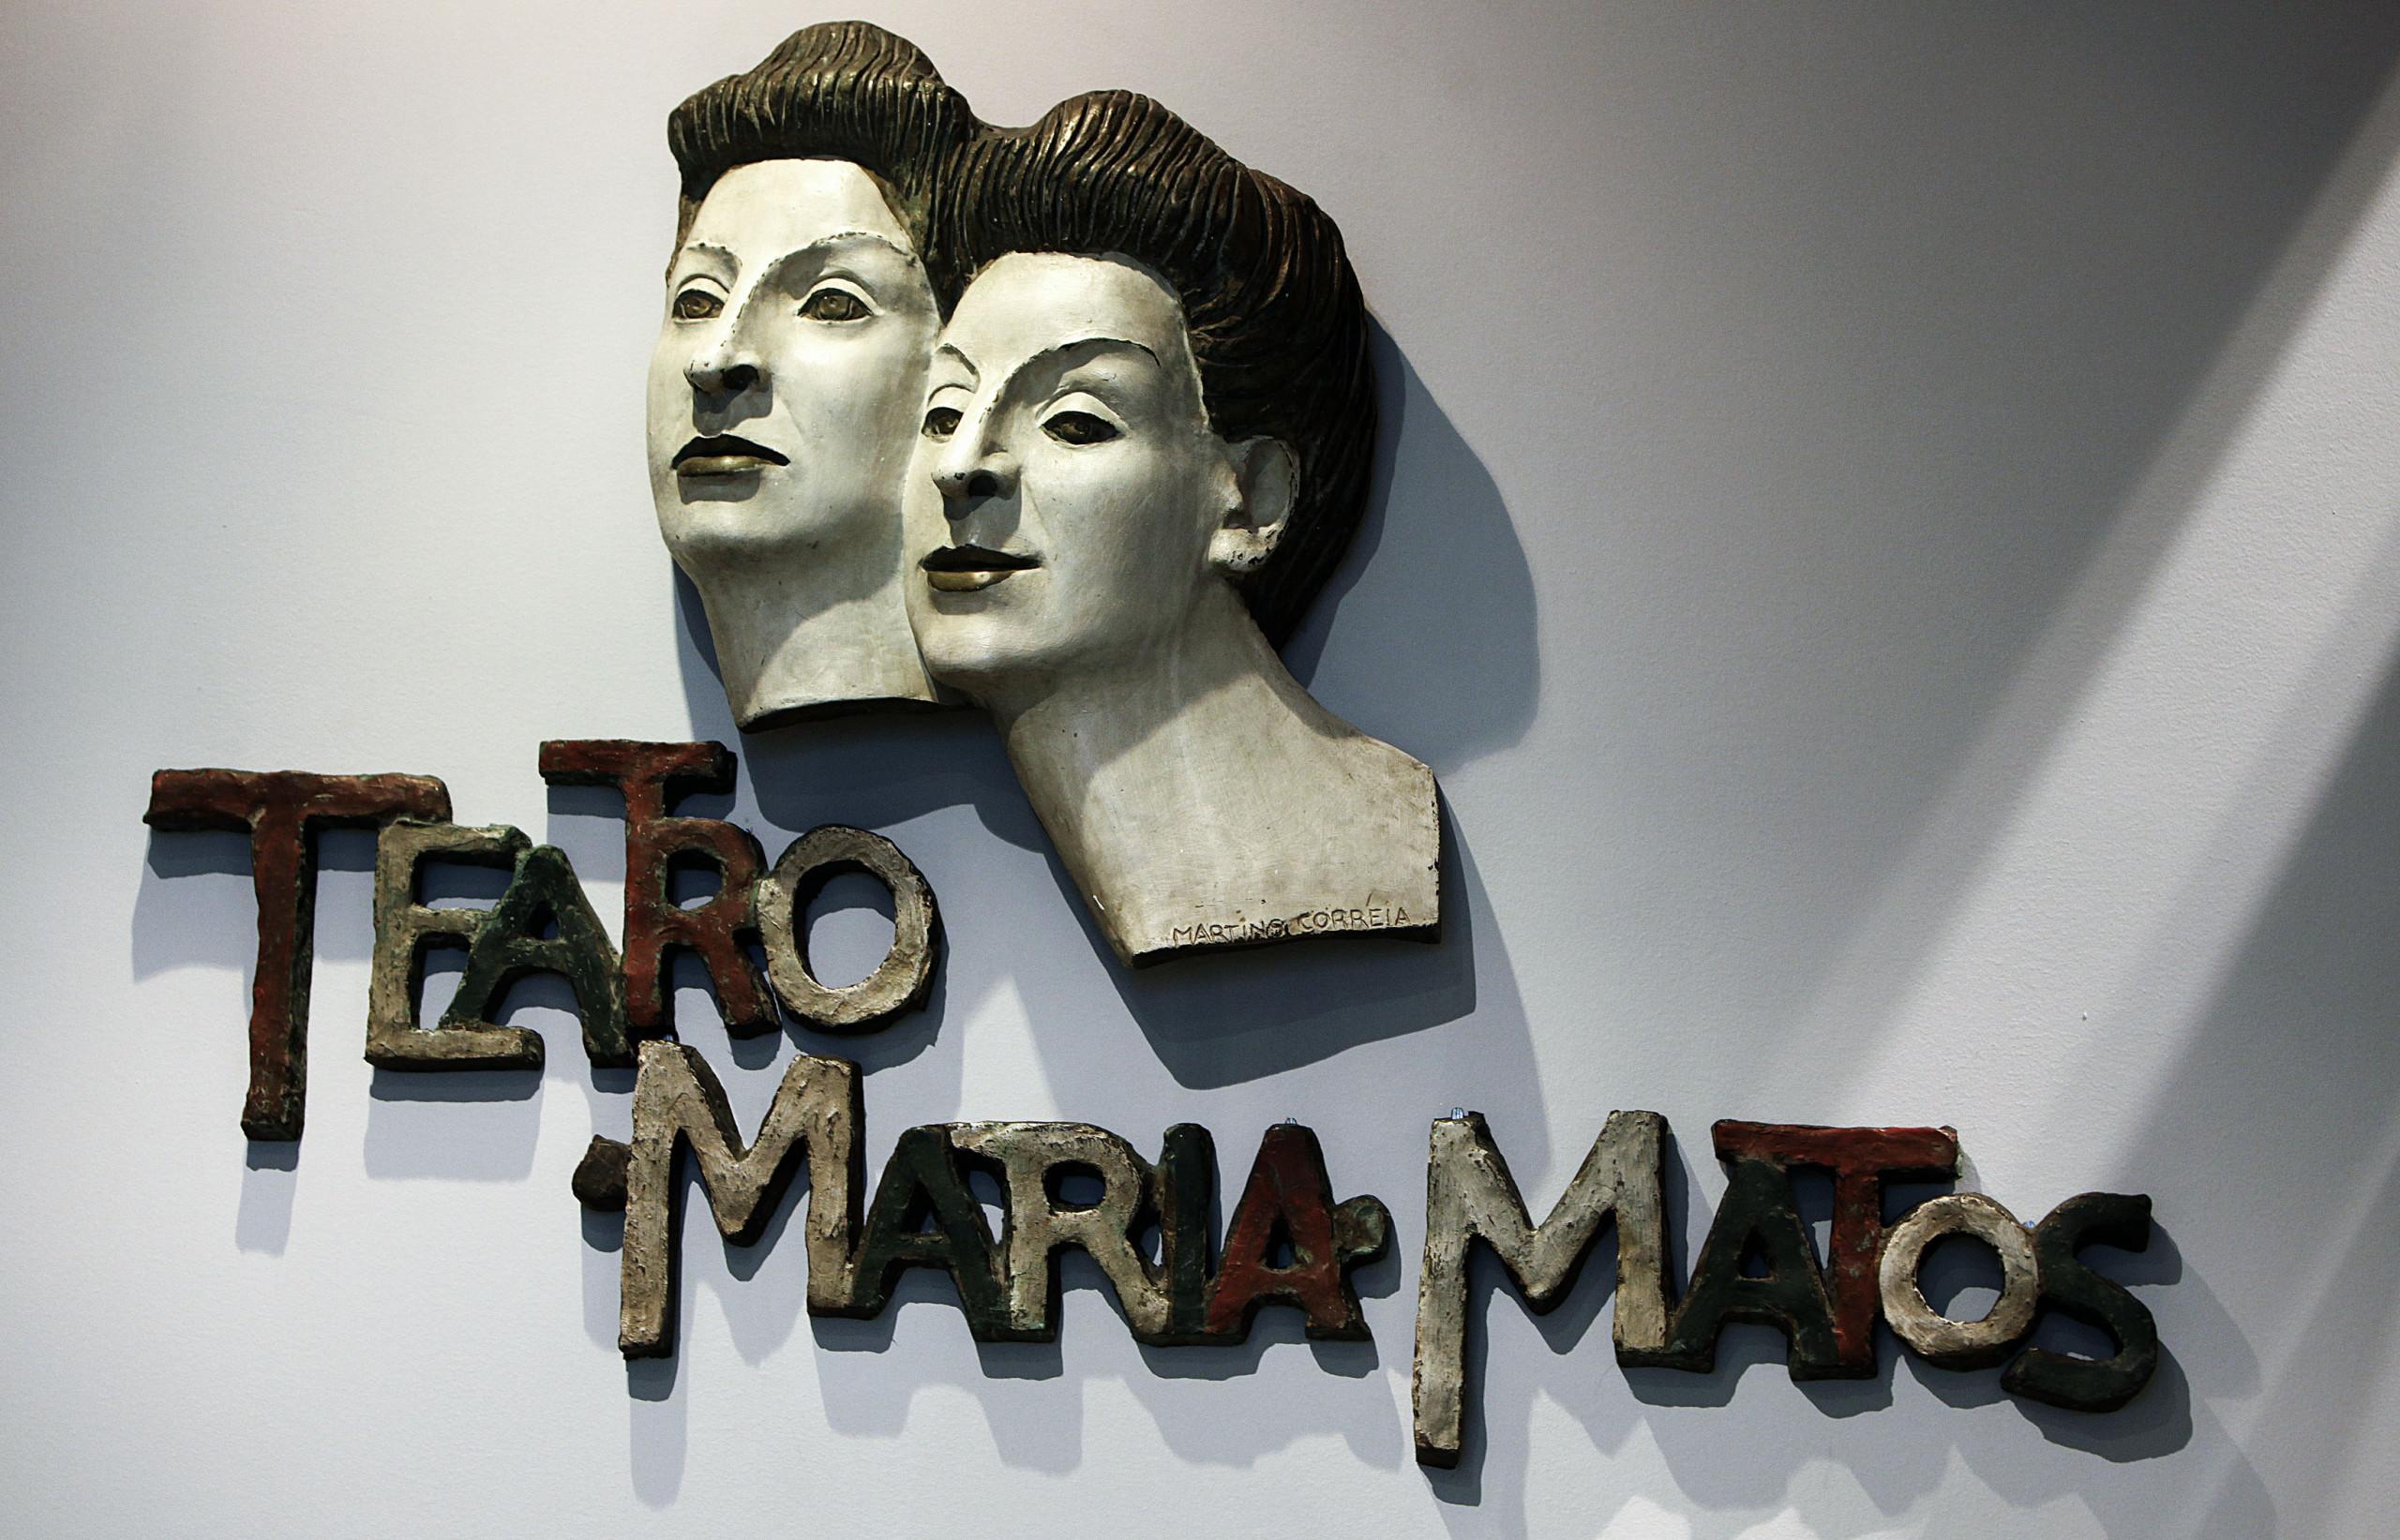 Teatro Maria Matos abre após obras mesmo com processo judicial